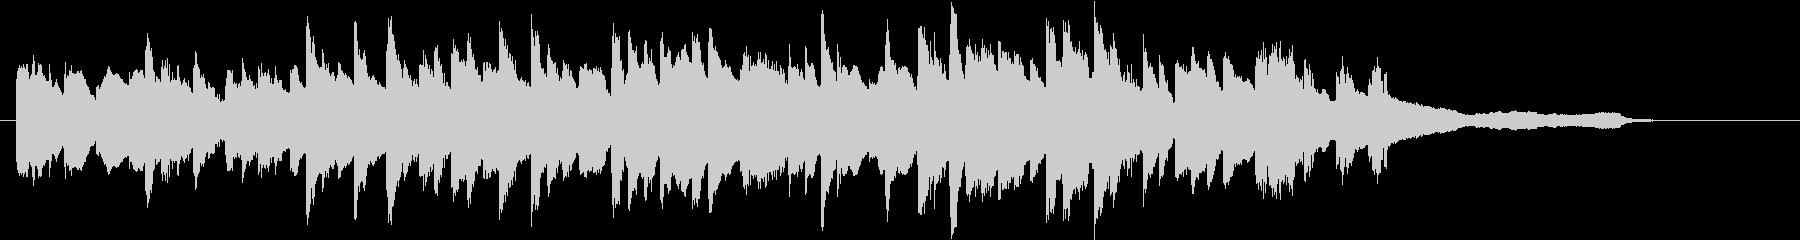 オープニング始まりのピアノジングル30秒の未再生の波形